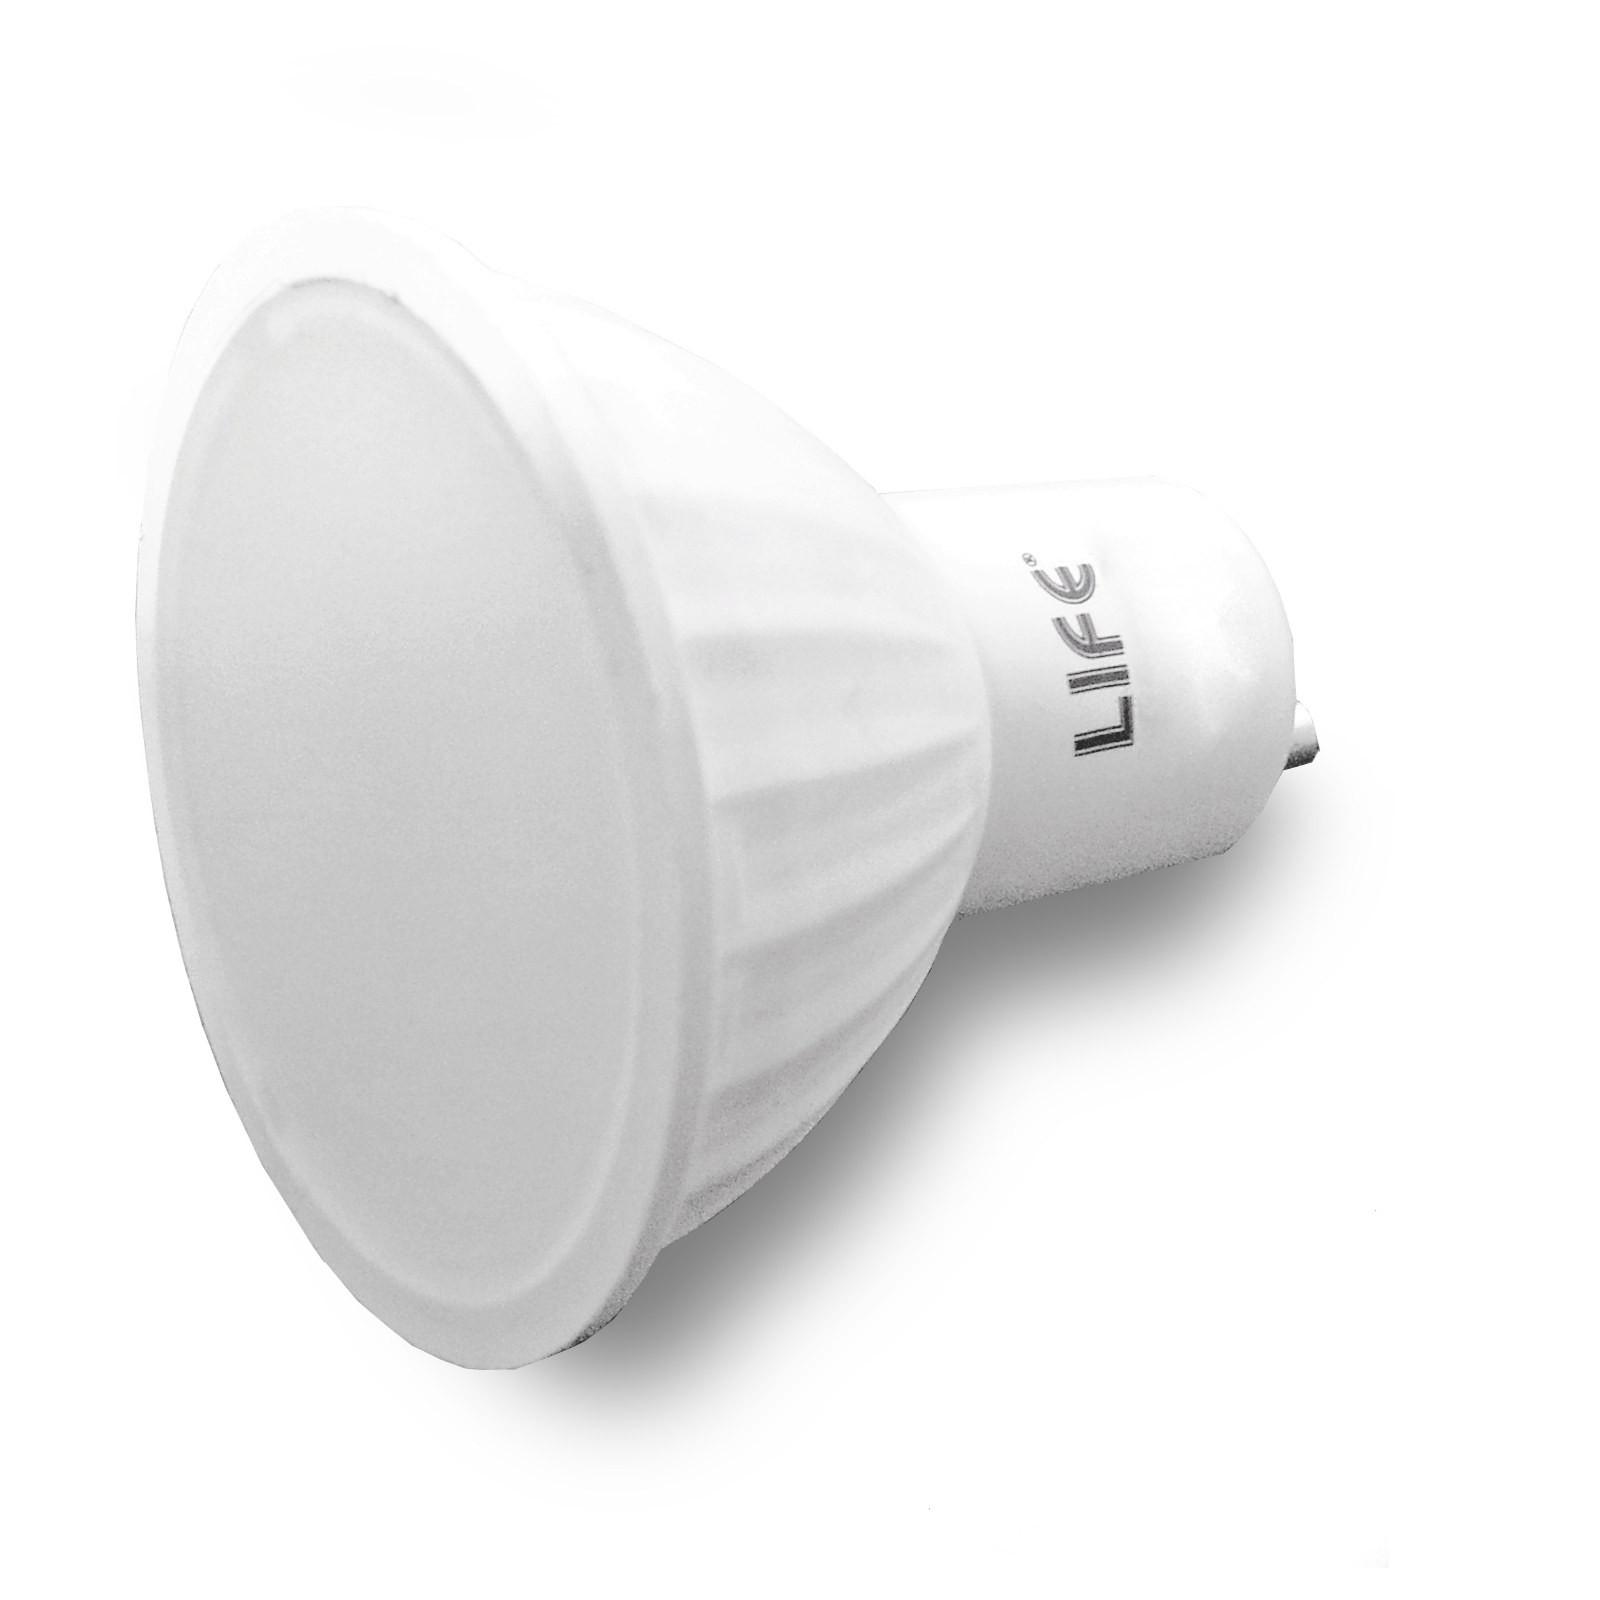 LAMPADA LAMPADINA FARETTO A LED ATTACCO GU10 LUCE CALDA 5 WATT LIFE ...